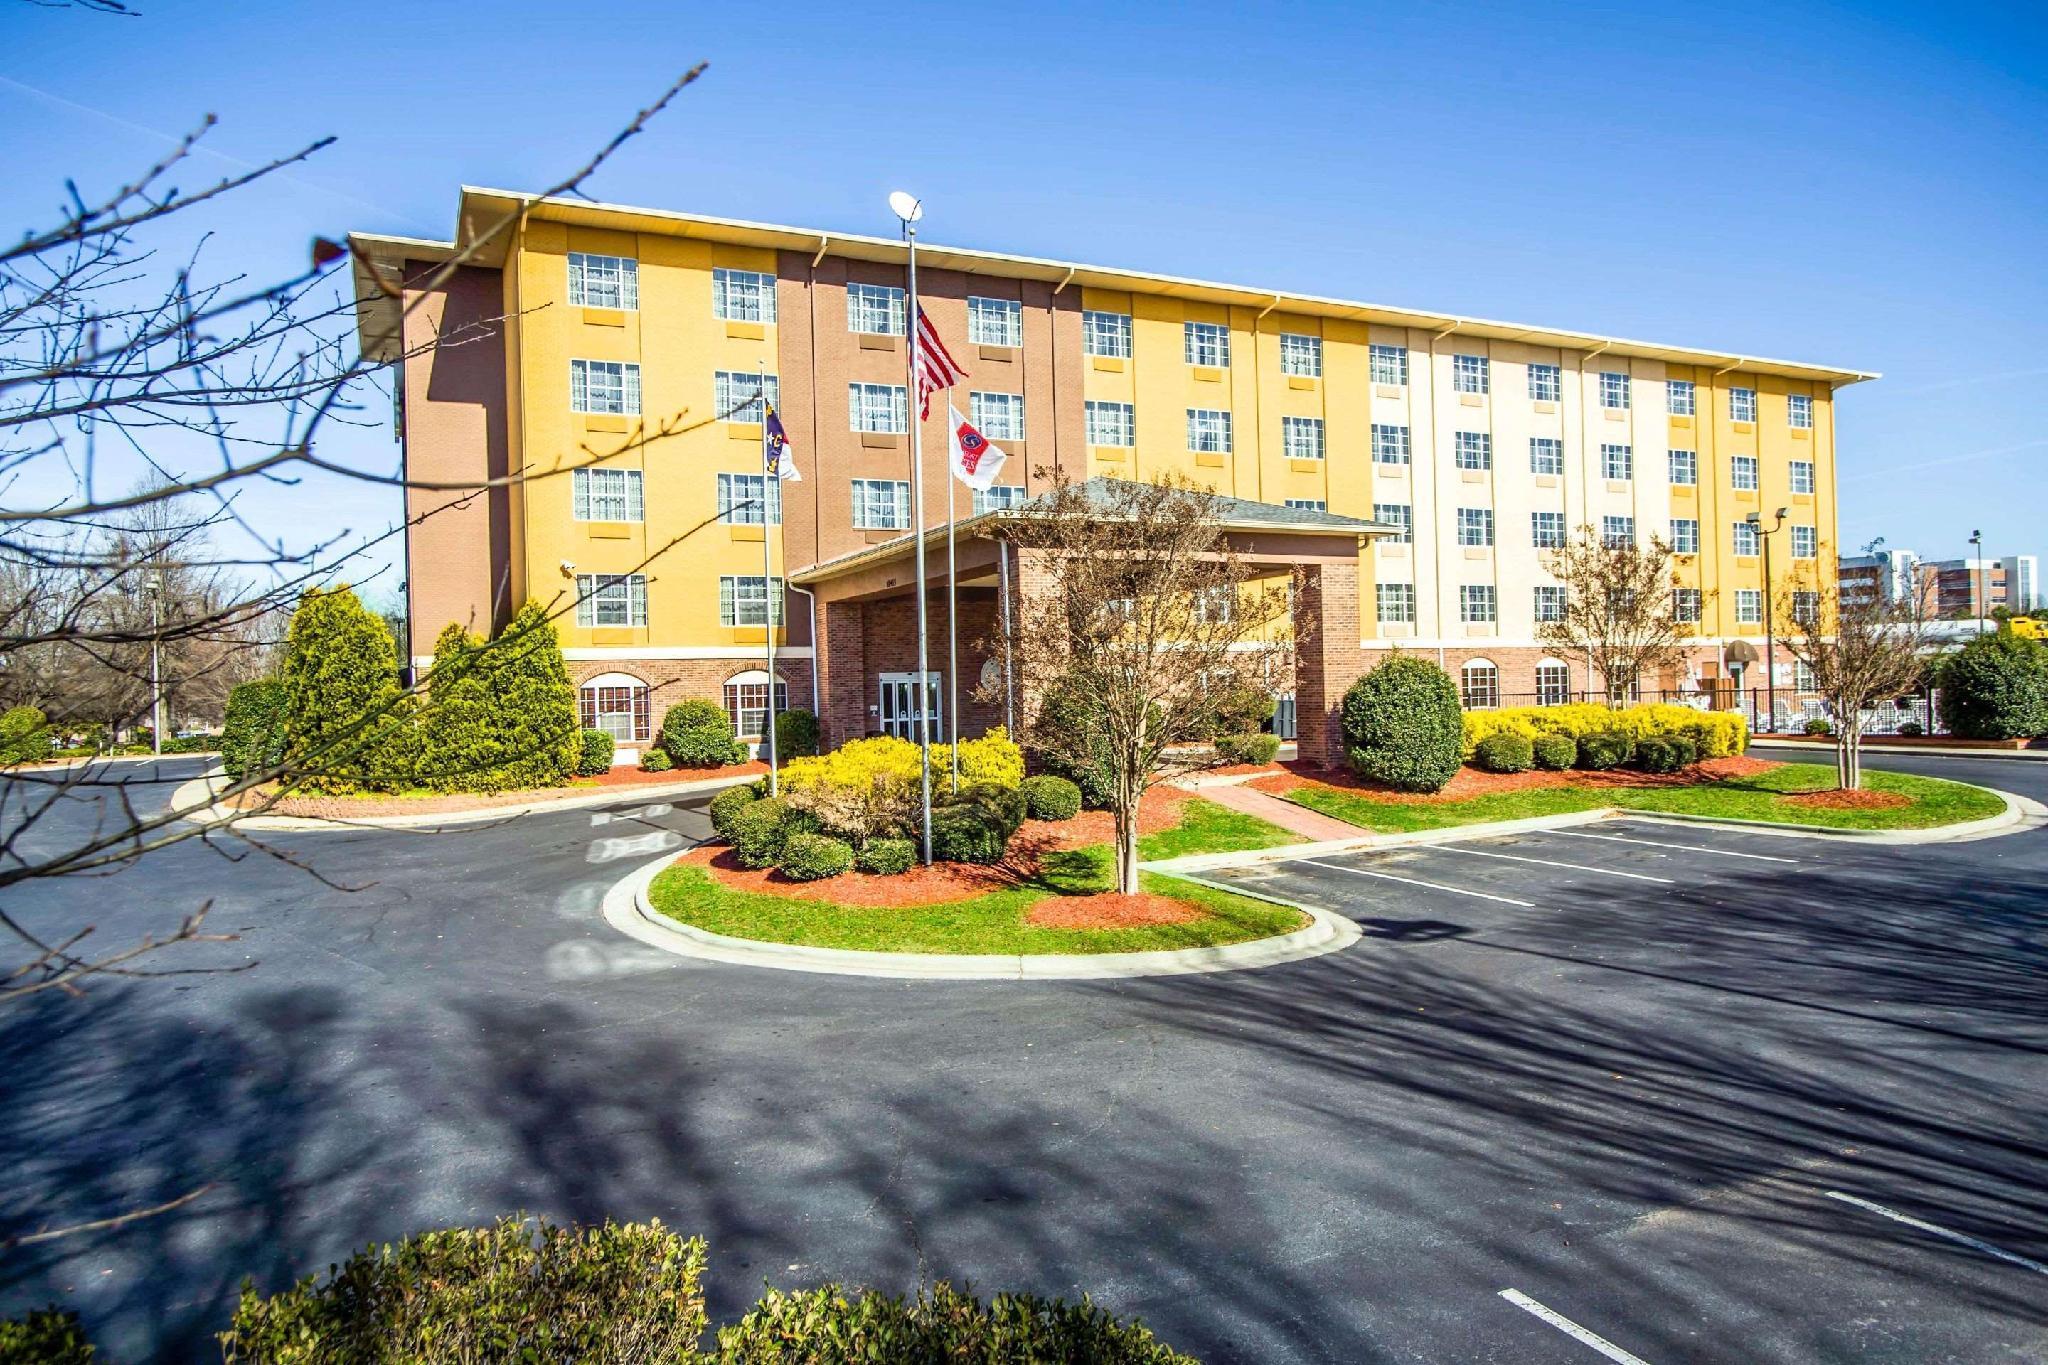 Comfort suites in charlotte nc room deals photos - Two bedroom suites in charlotte nc ...